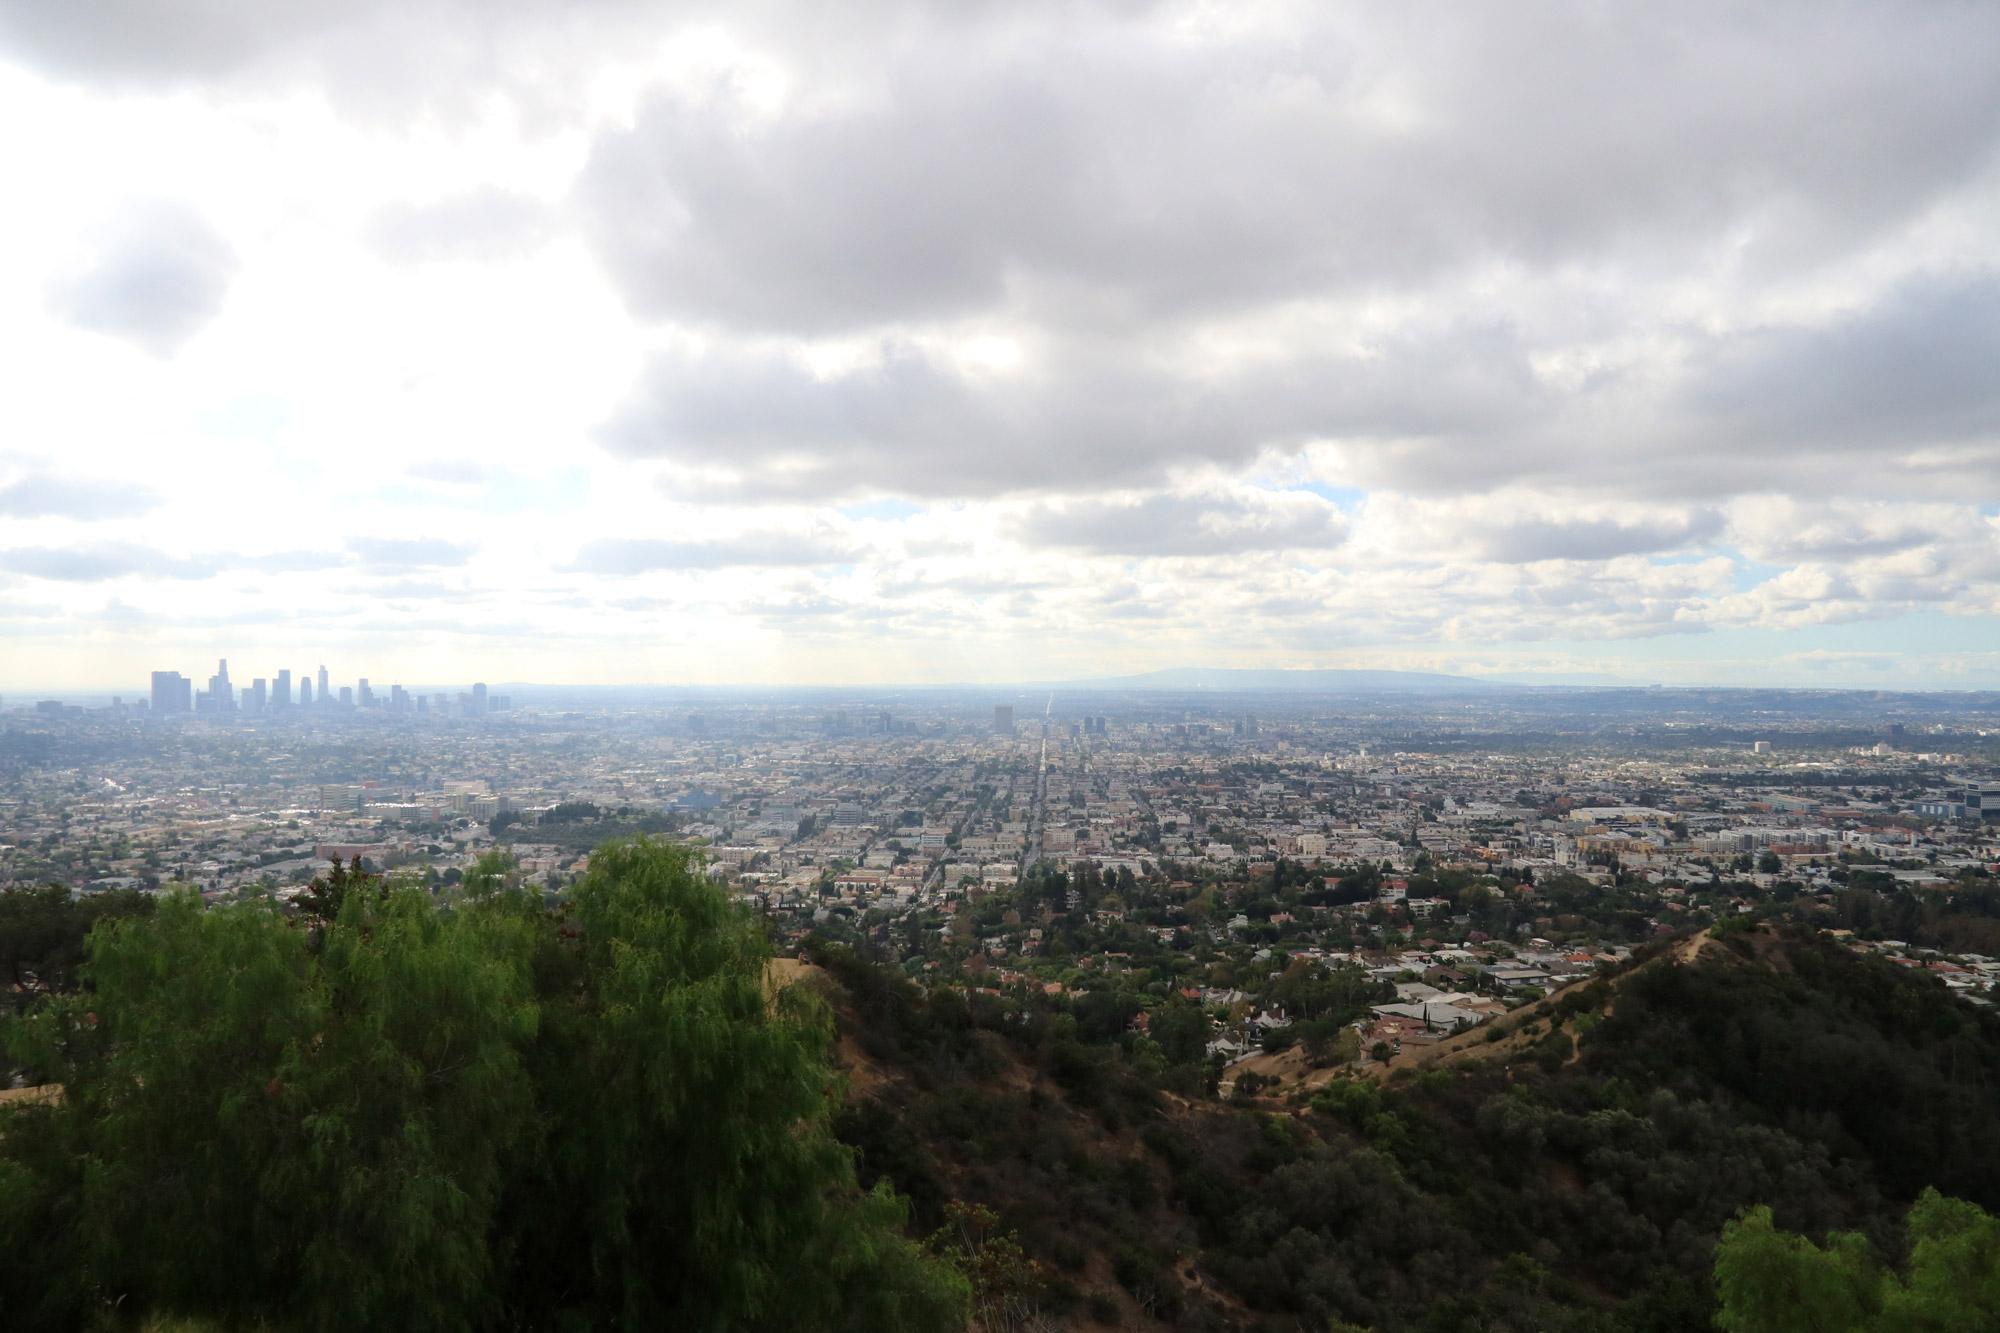 Amerika dag 21 - Uitzicht op Los Angeles vanaf de Griffith Observatory